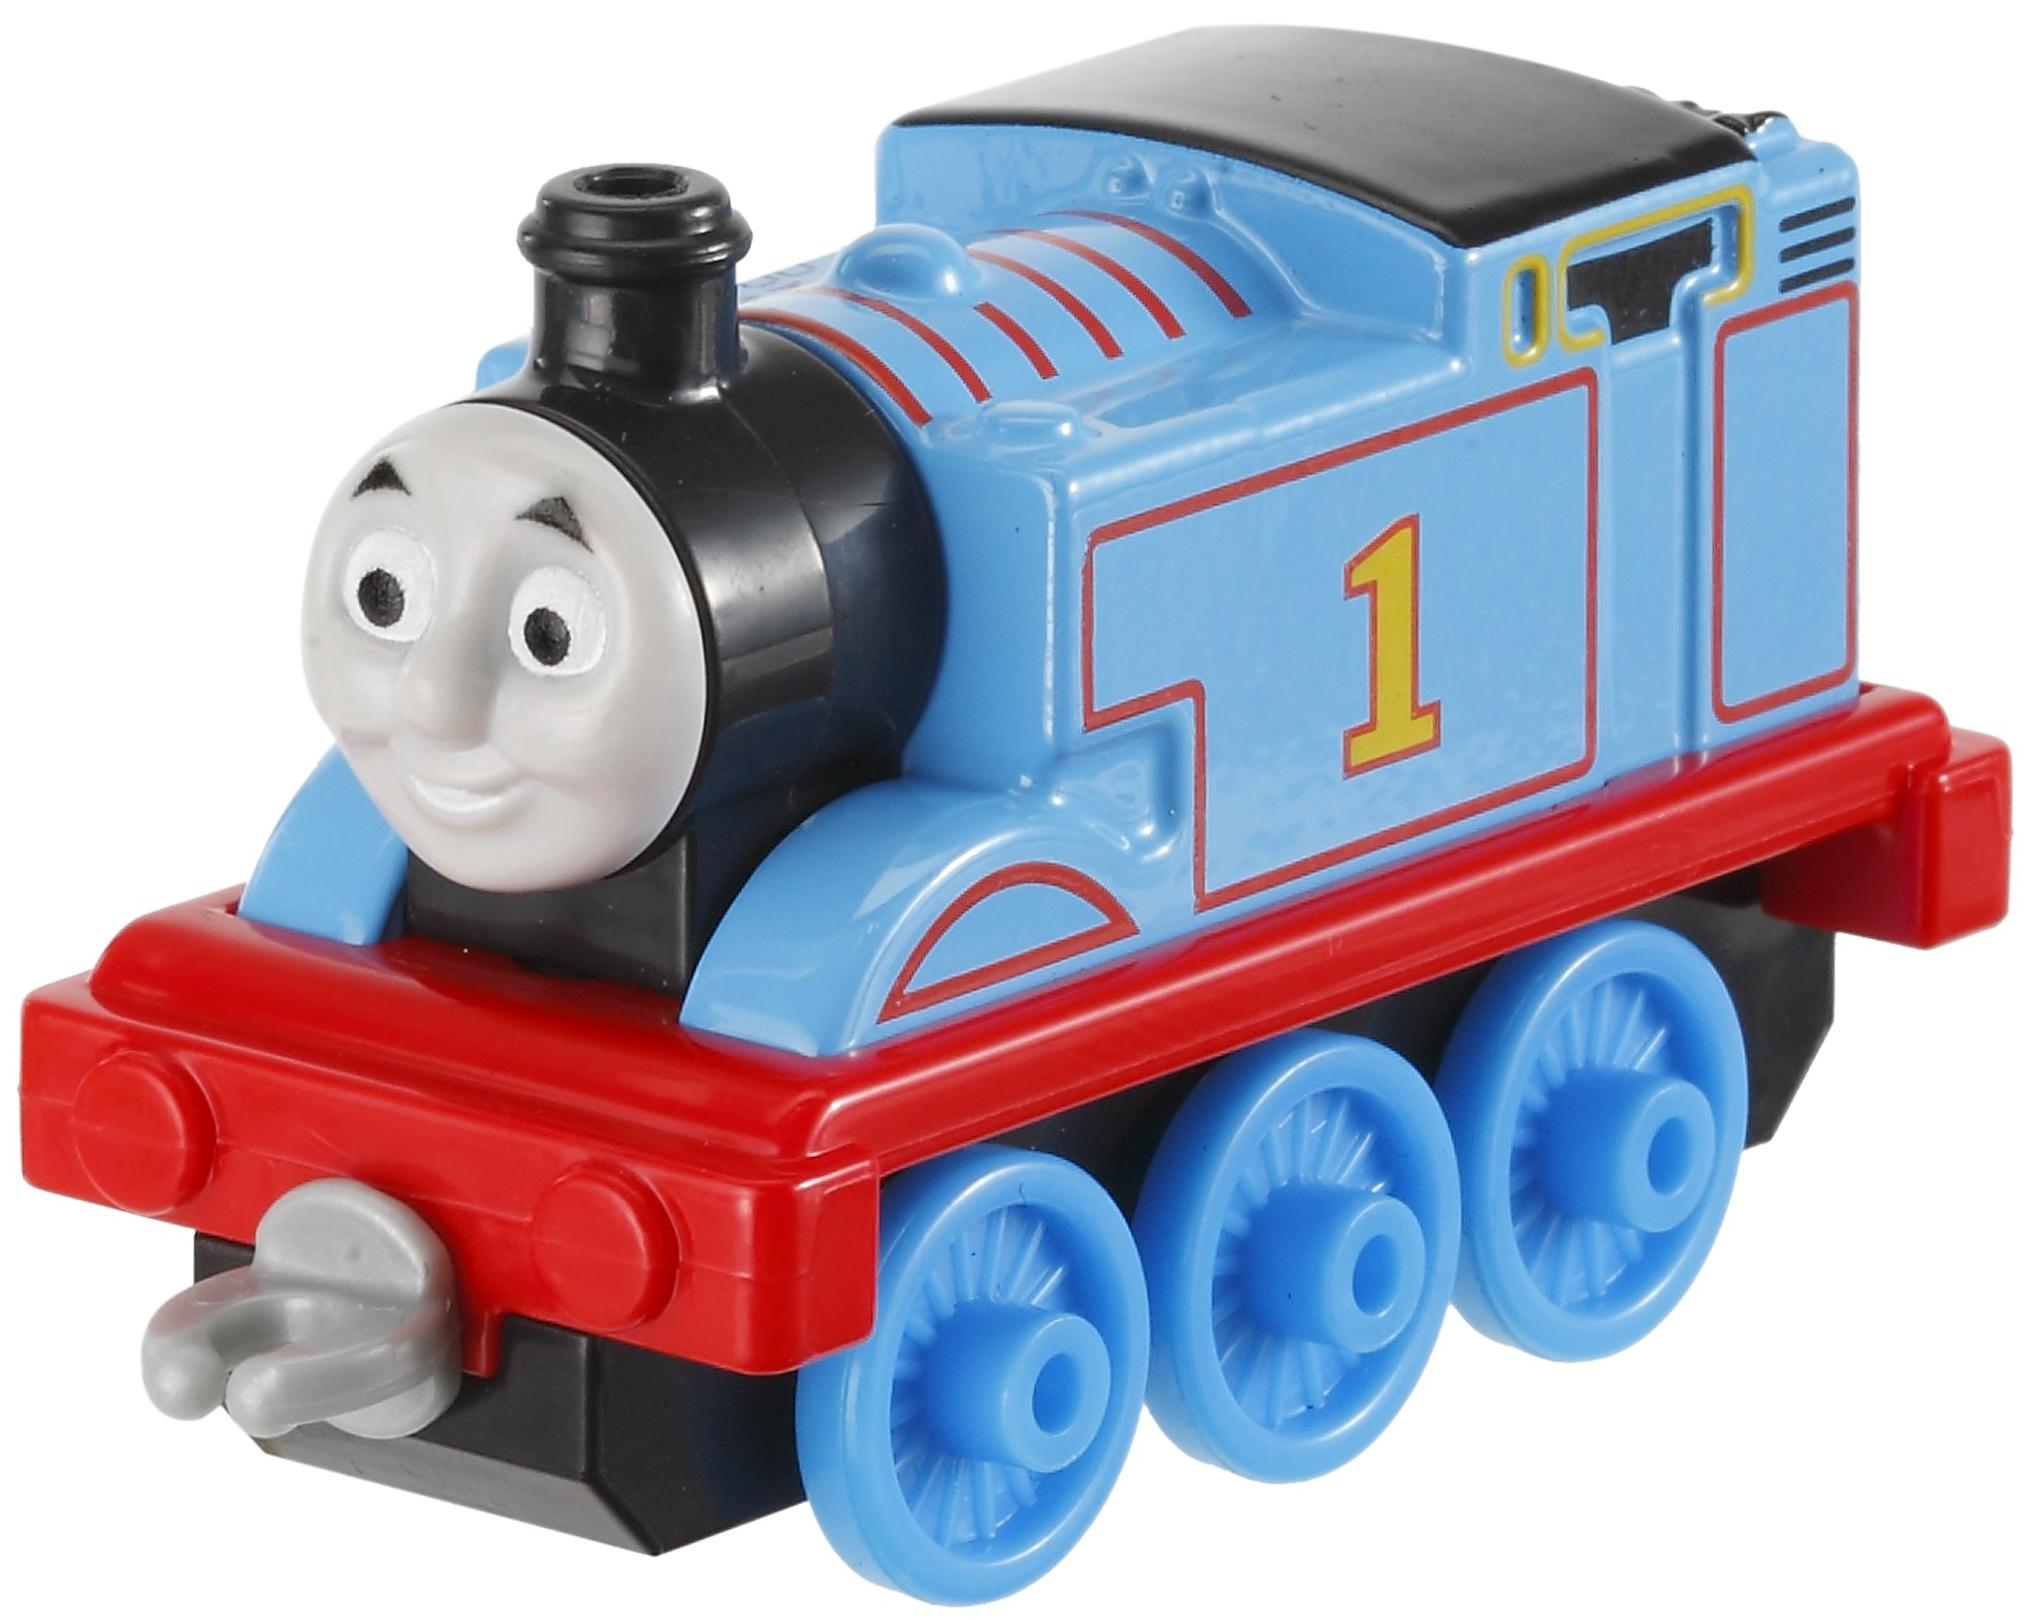 Купить Thomas & Friends, Томас и его друзья, Thomas&Friends, Китай, в ассортименте, Мужской